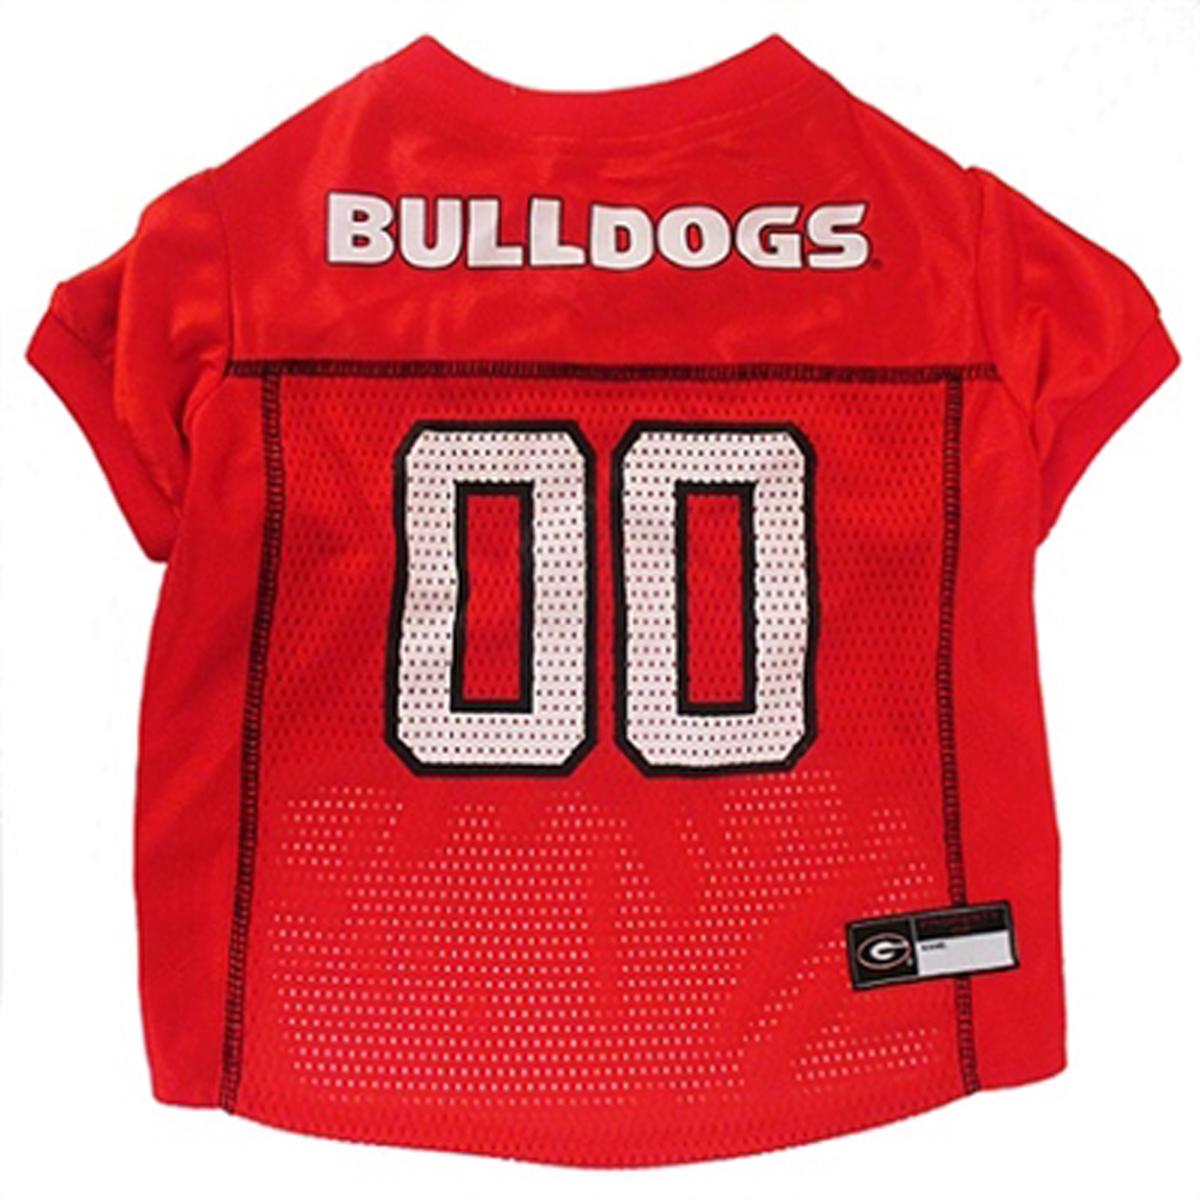 Georgia Bulldogs Dog Jersey - Red